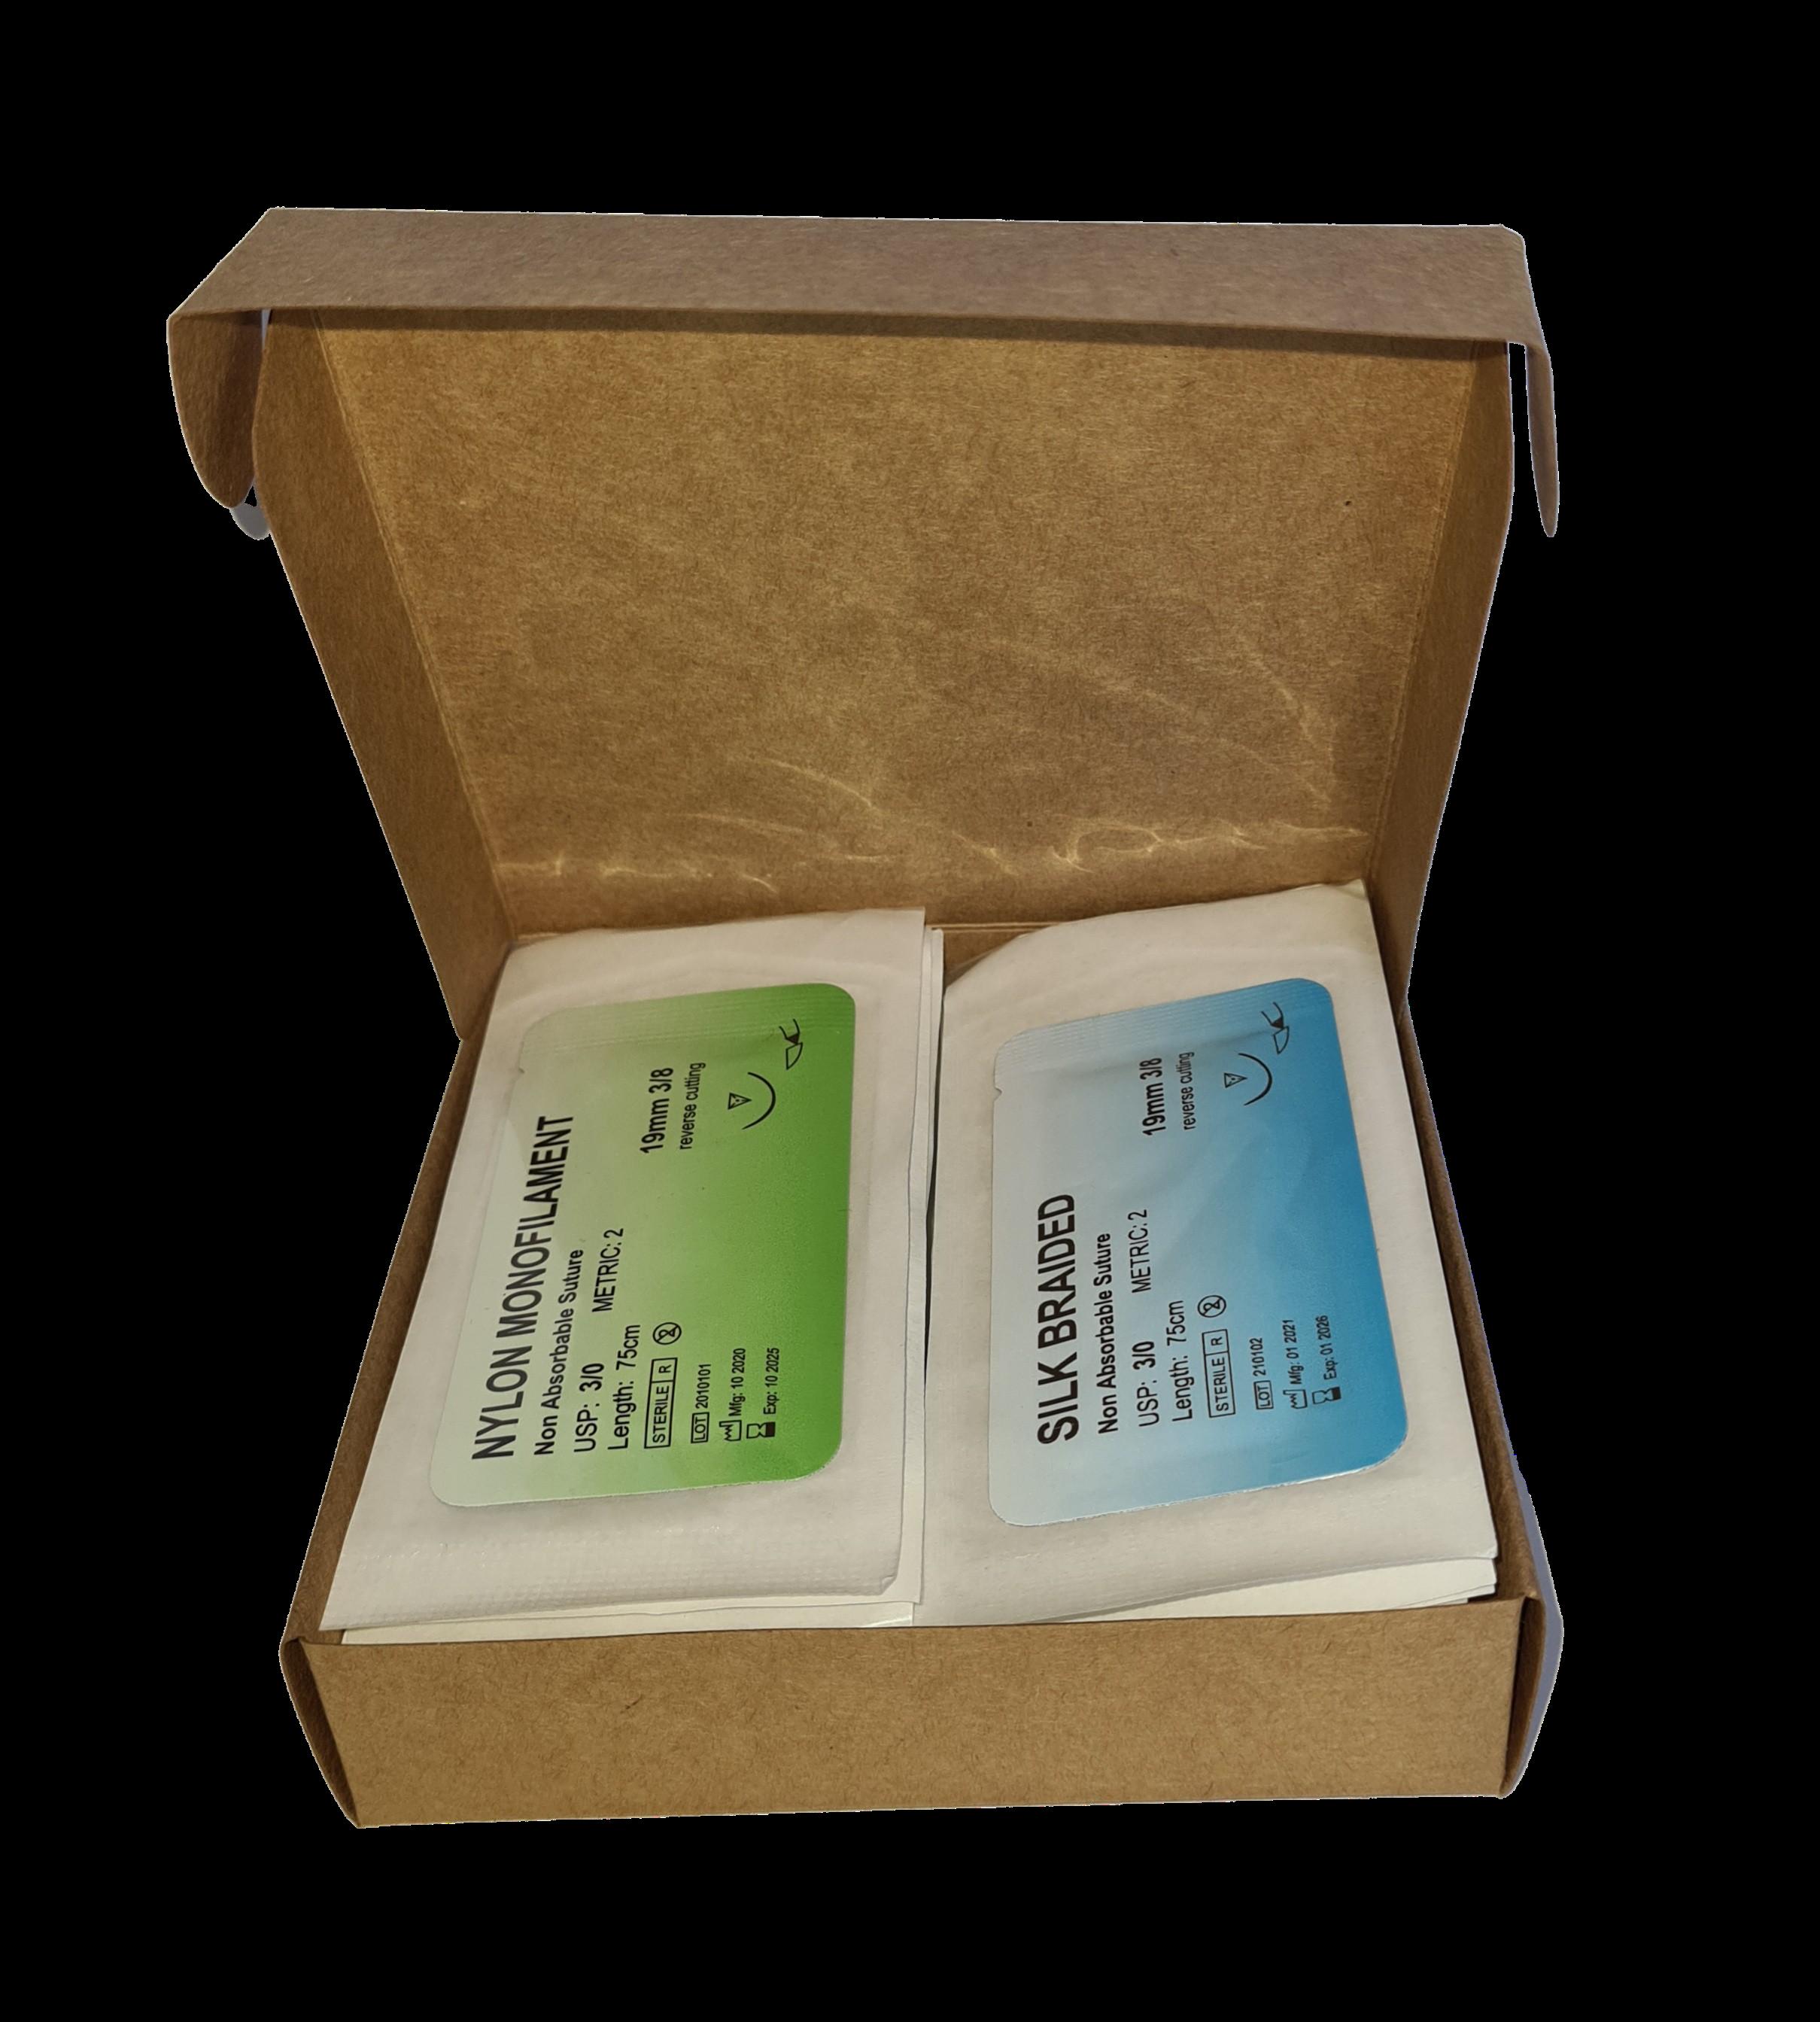 Mast Medical hechtmateriaal_clean Hechtdraad - hechtmateriaal - nylon en zijden hechtdraden - geneeskunde hechtset draden - 24 stuks - monofilamenten & multifilamenten